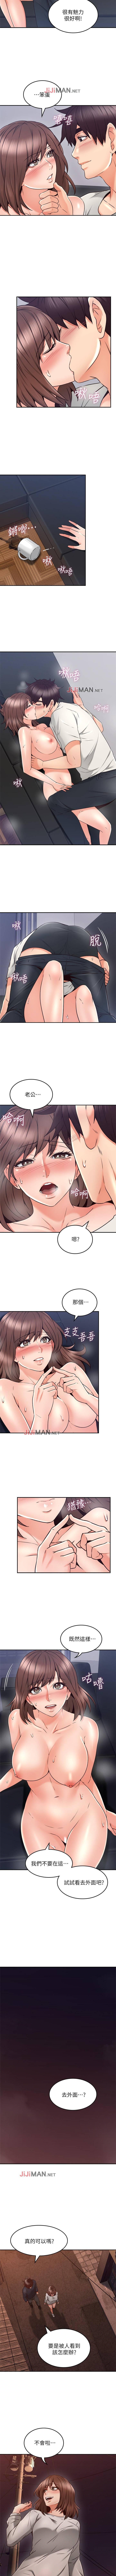 【周六更新】邻居人妻(作者:李周元 & 頸枕) 第1~50话 278